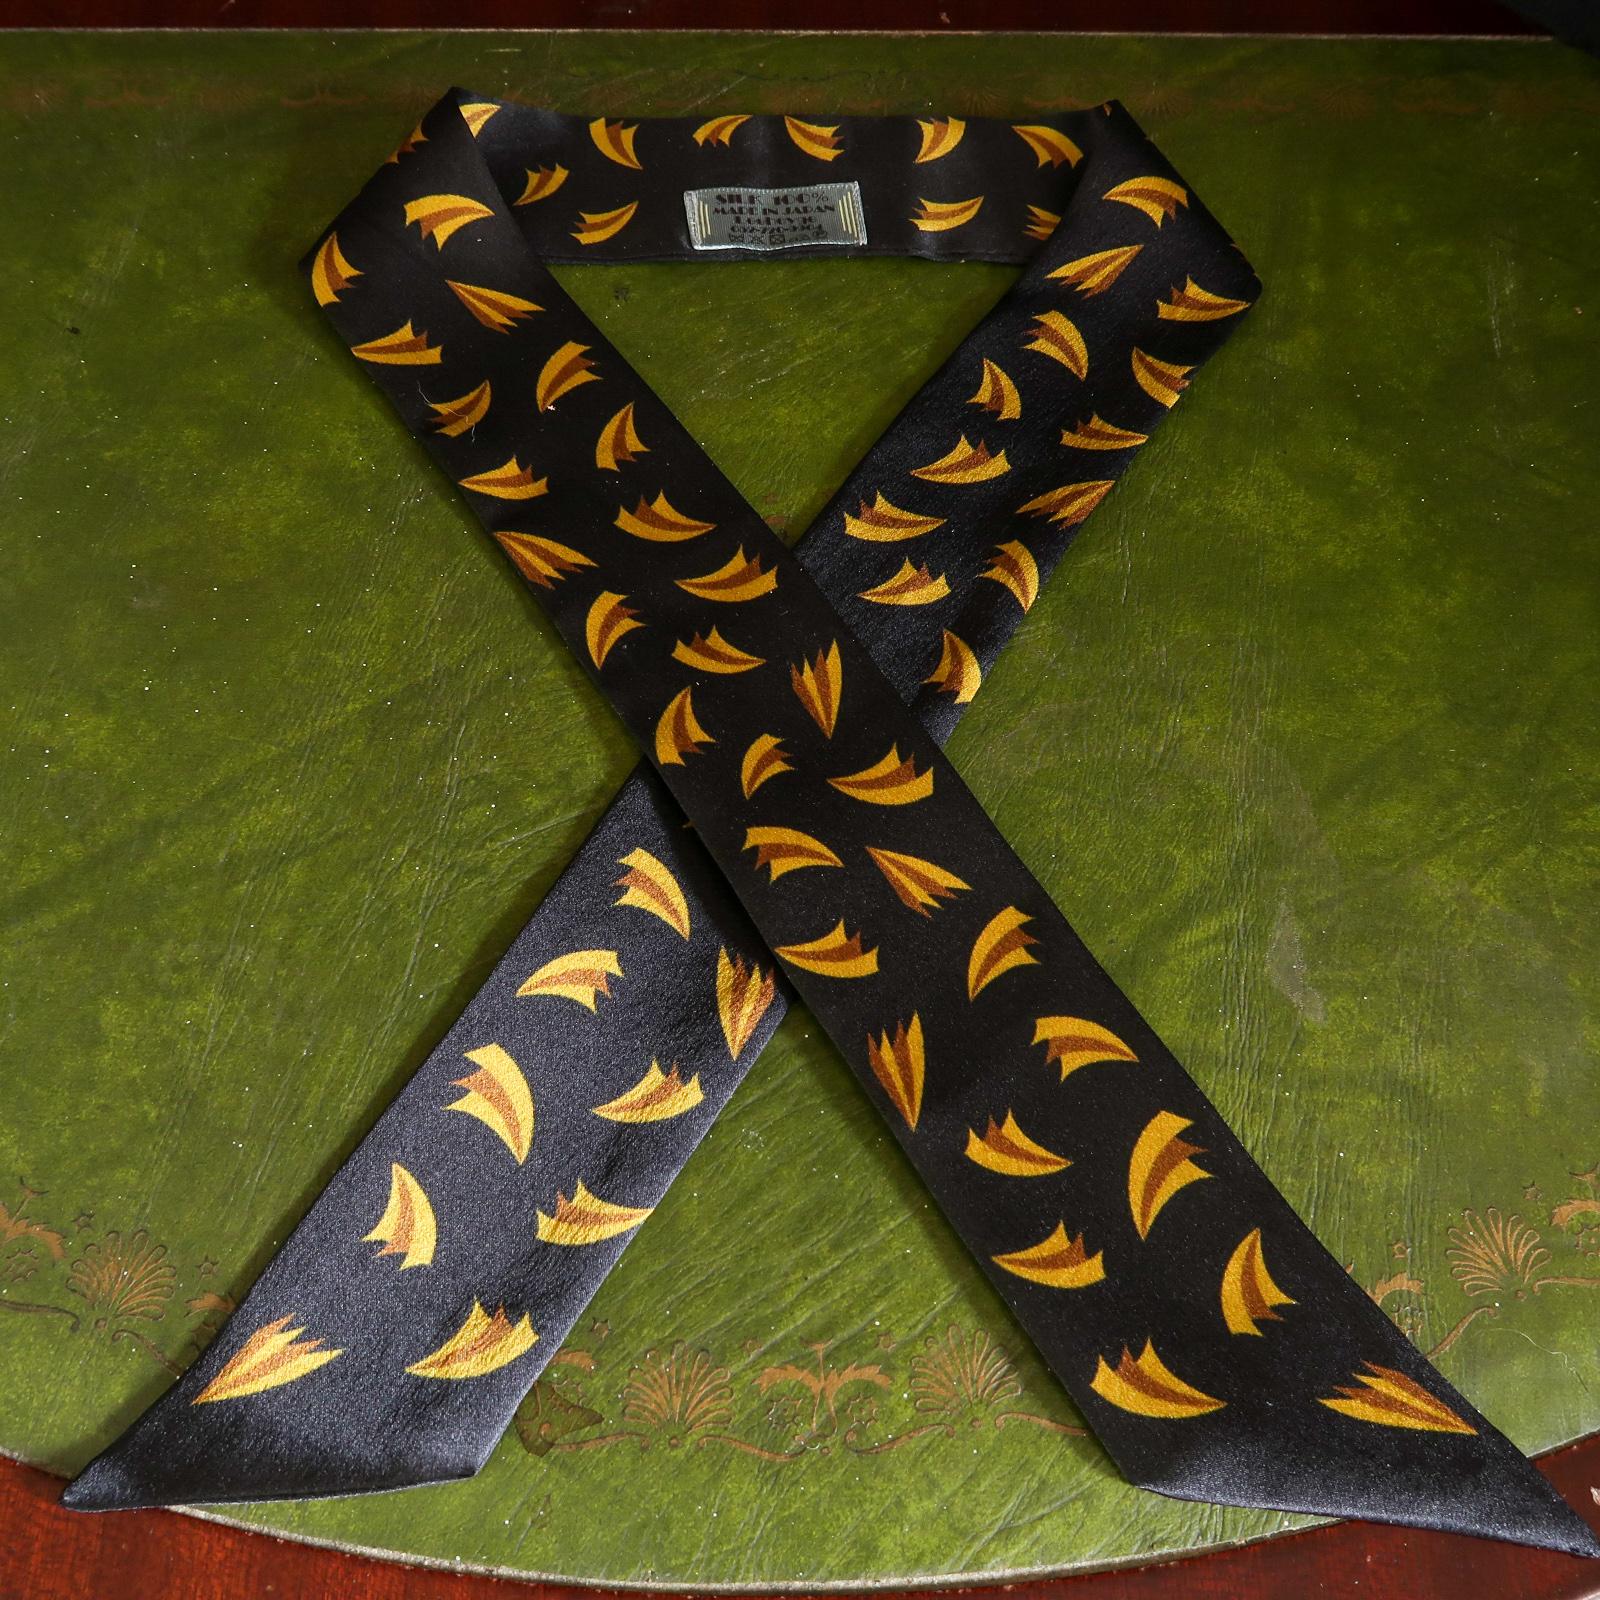 ヴィンテージデザインのスカーフが入荷しました。